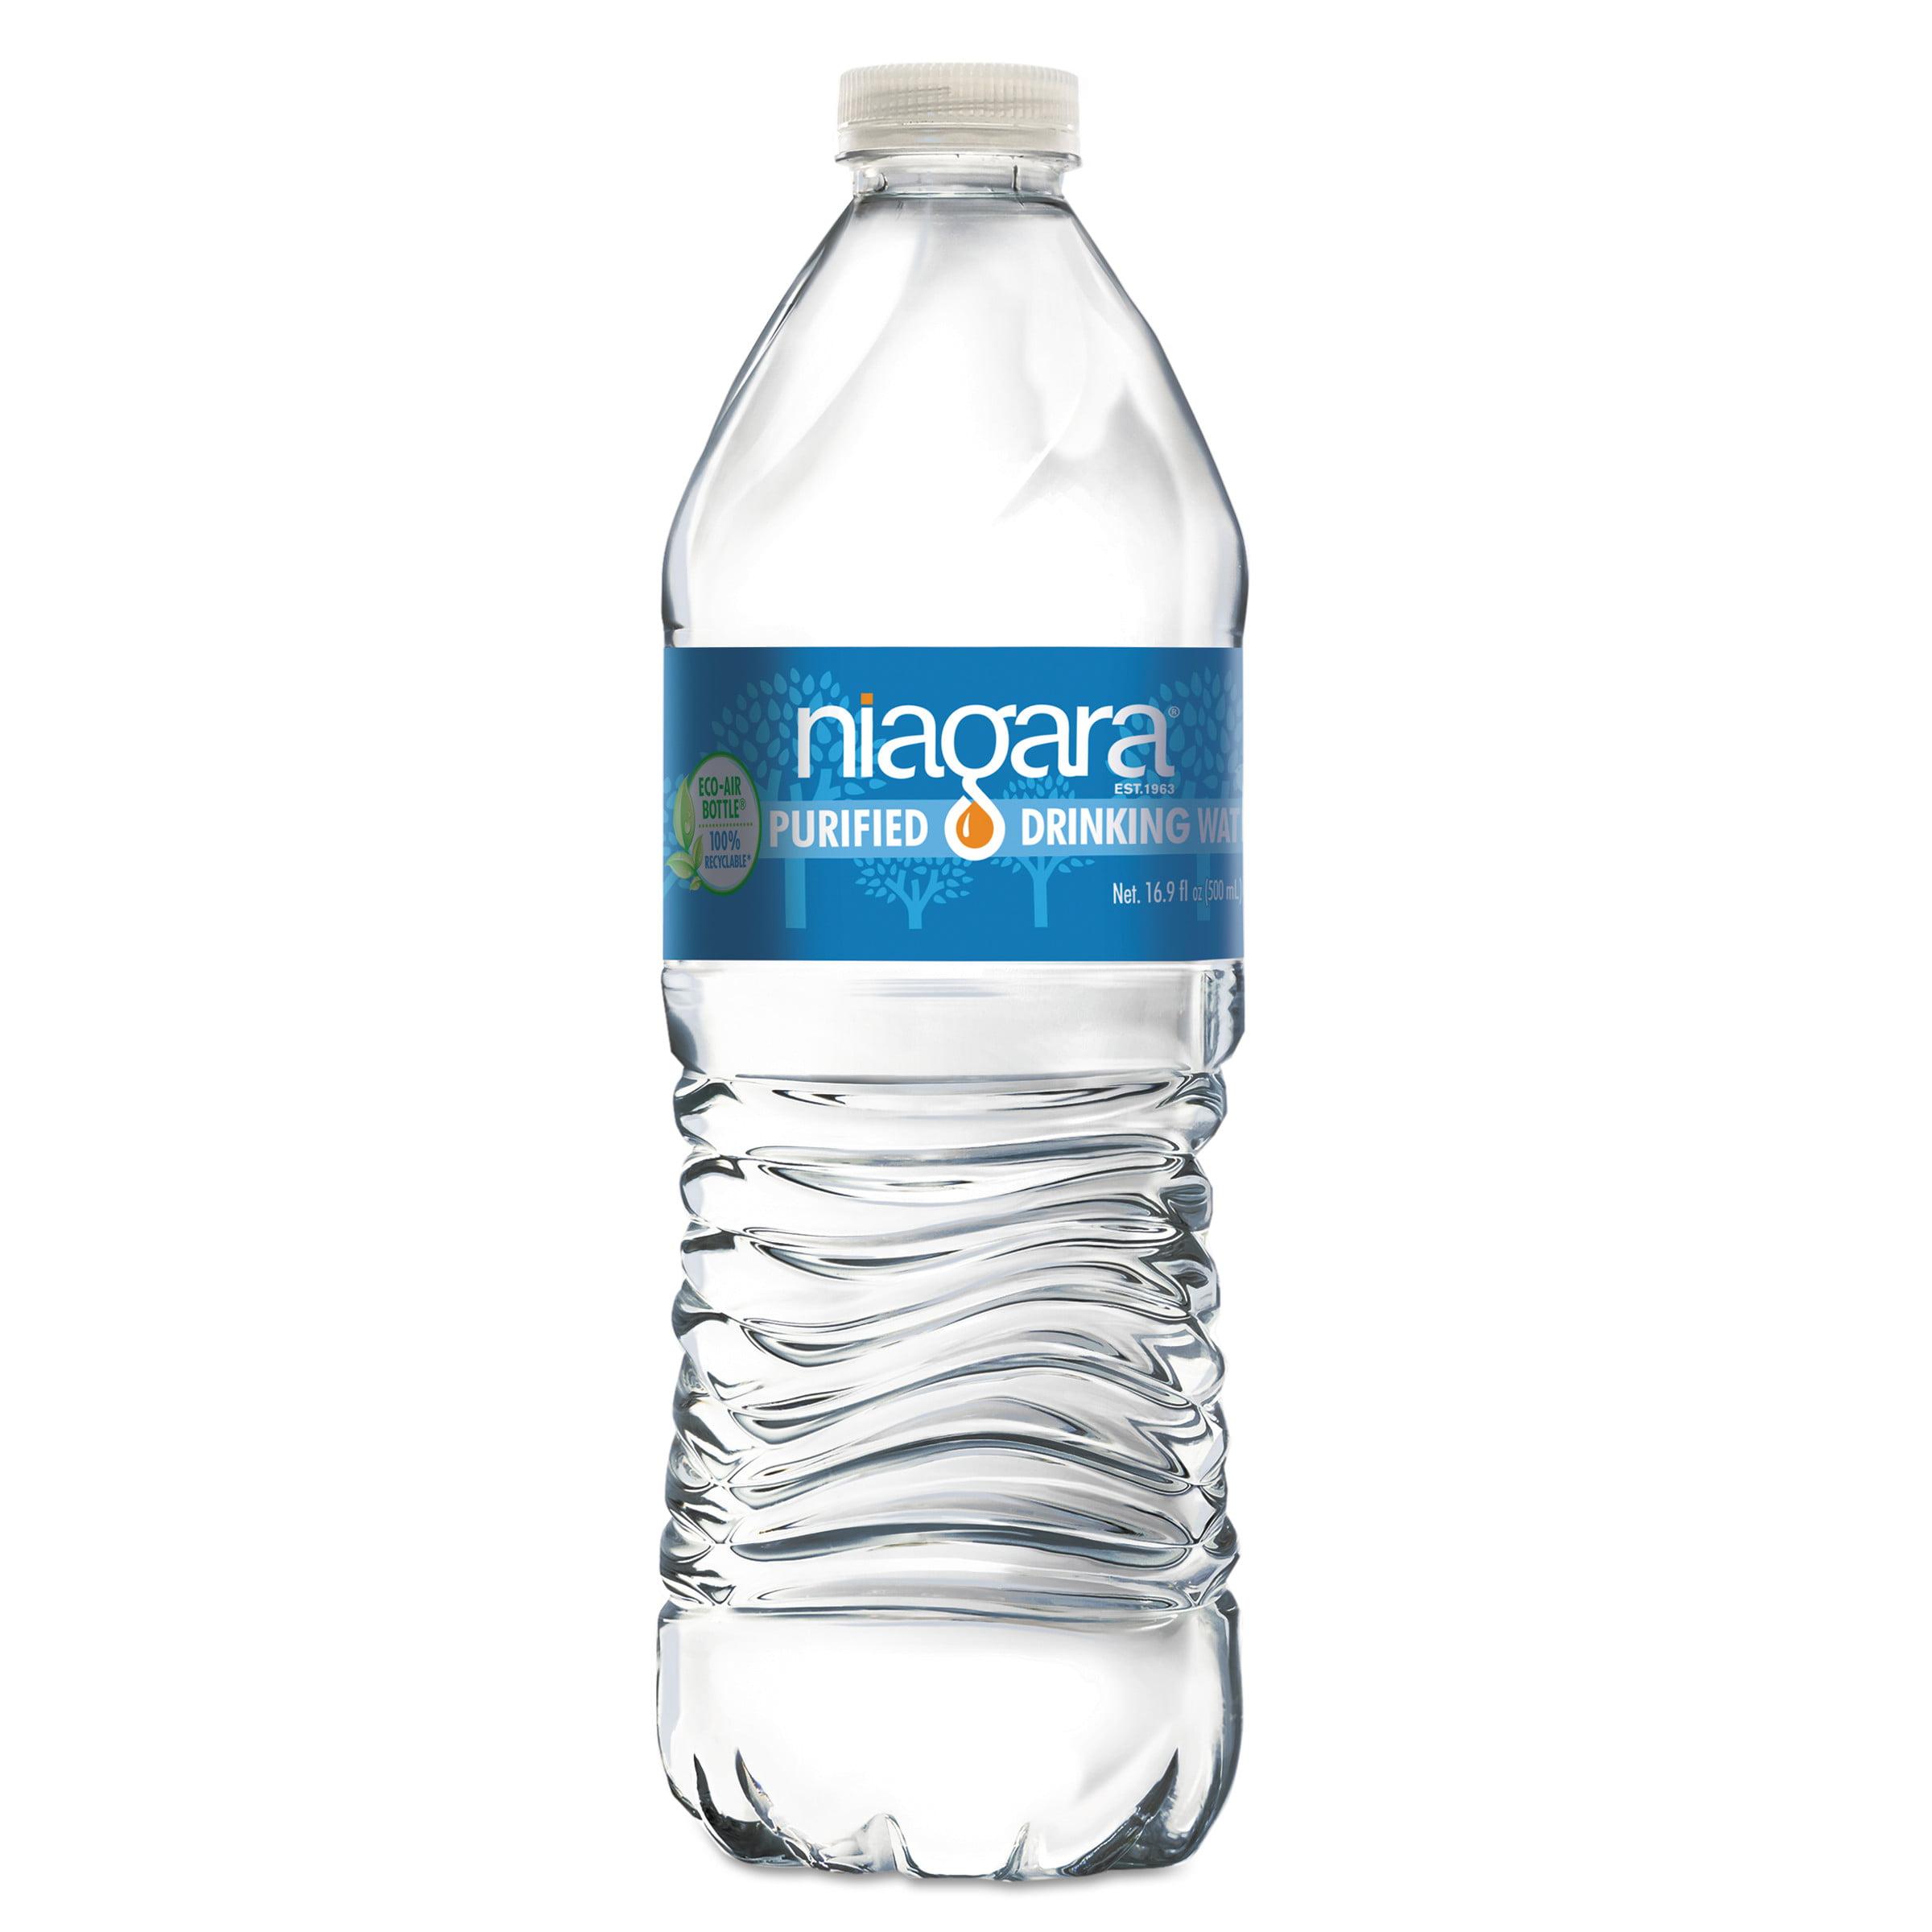 Niagara Bottling Purified Drinking Water, 16 9 oz Bottle, 24/Pack,  2016/Pallet